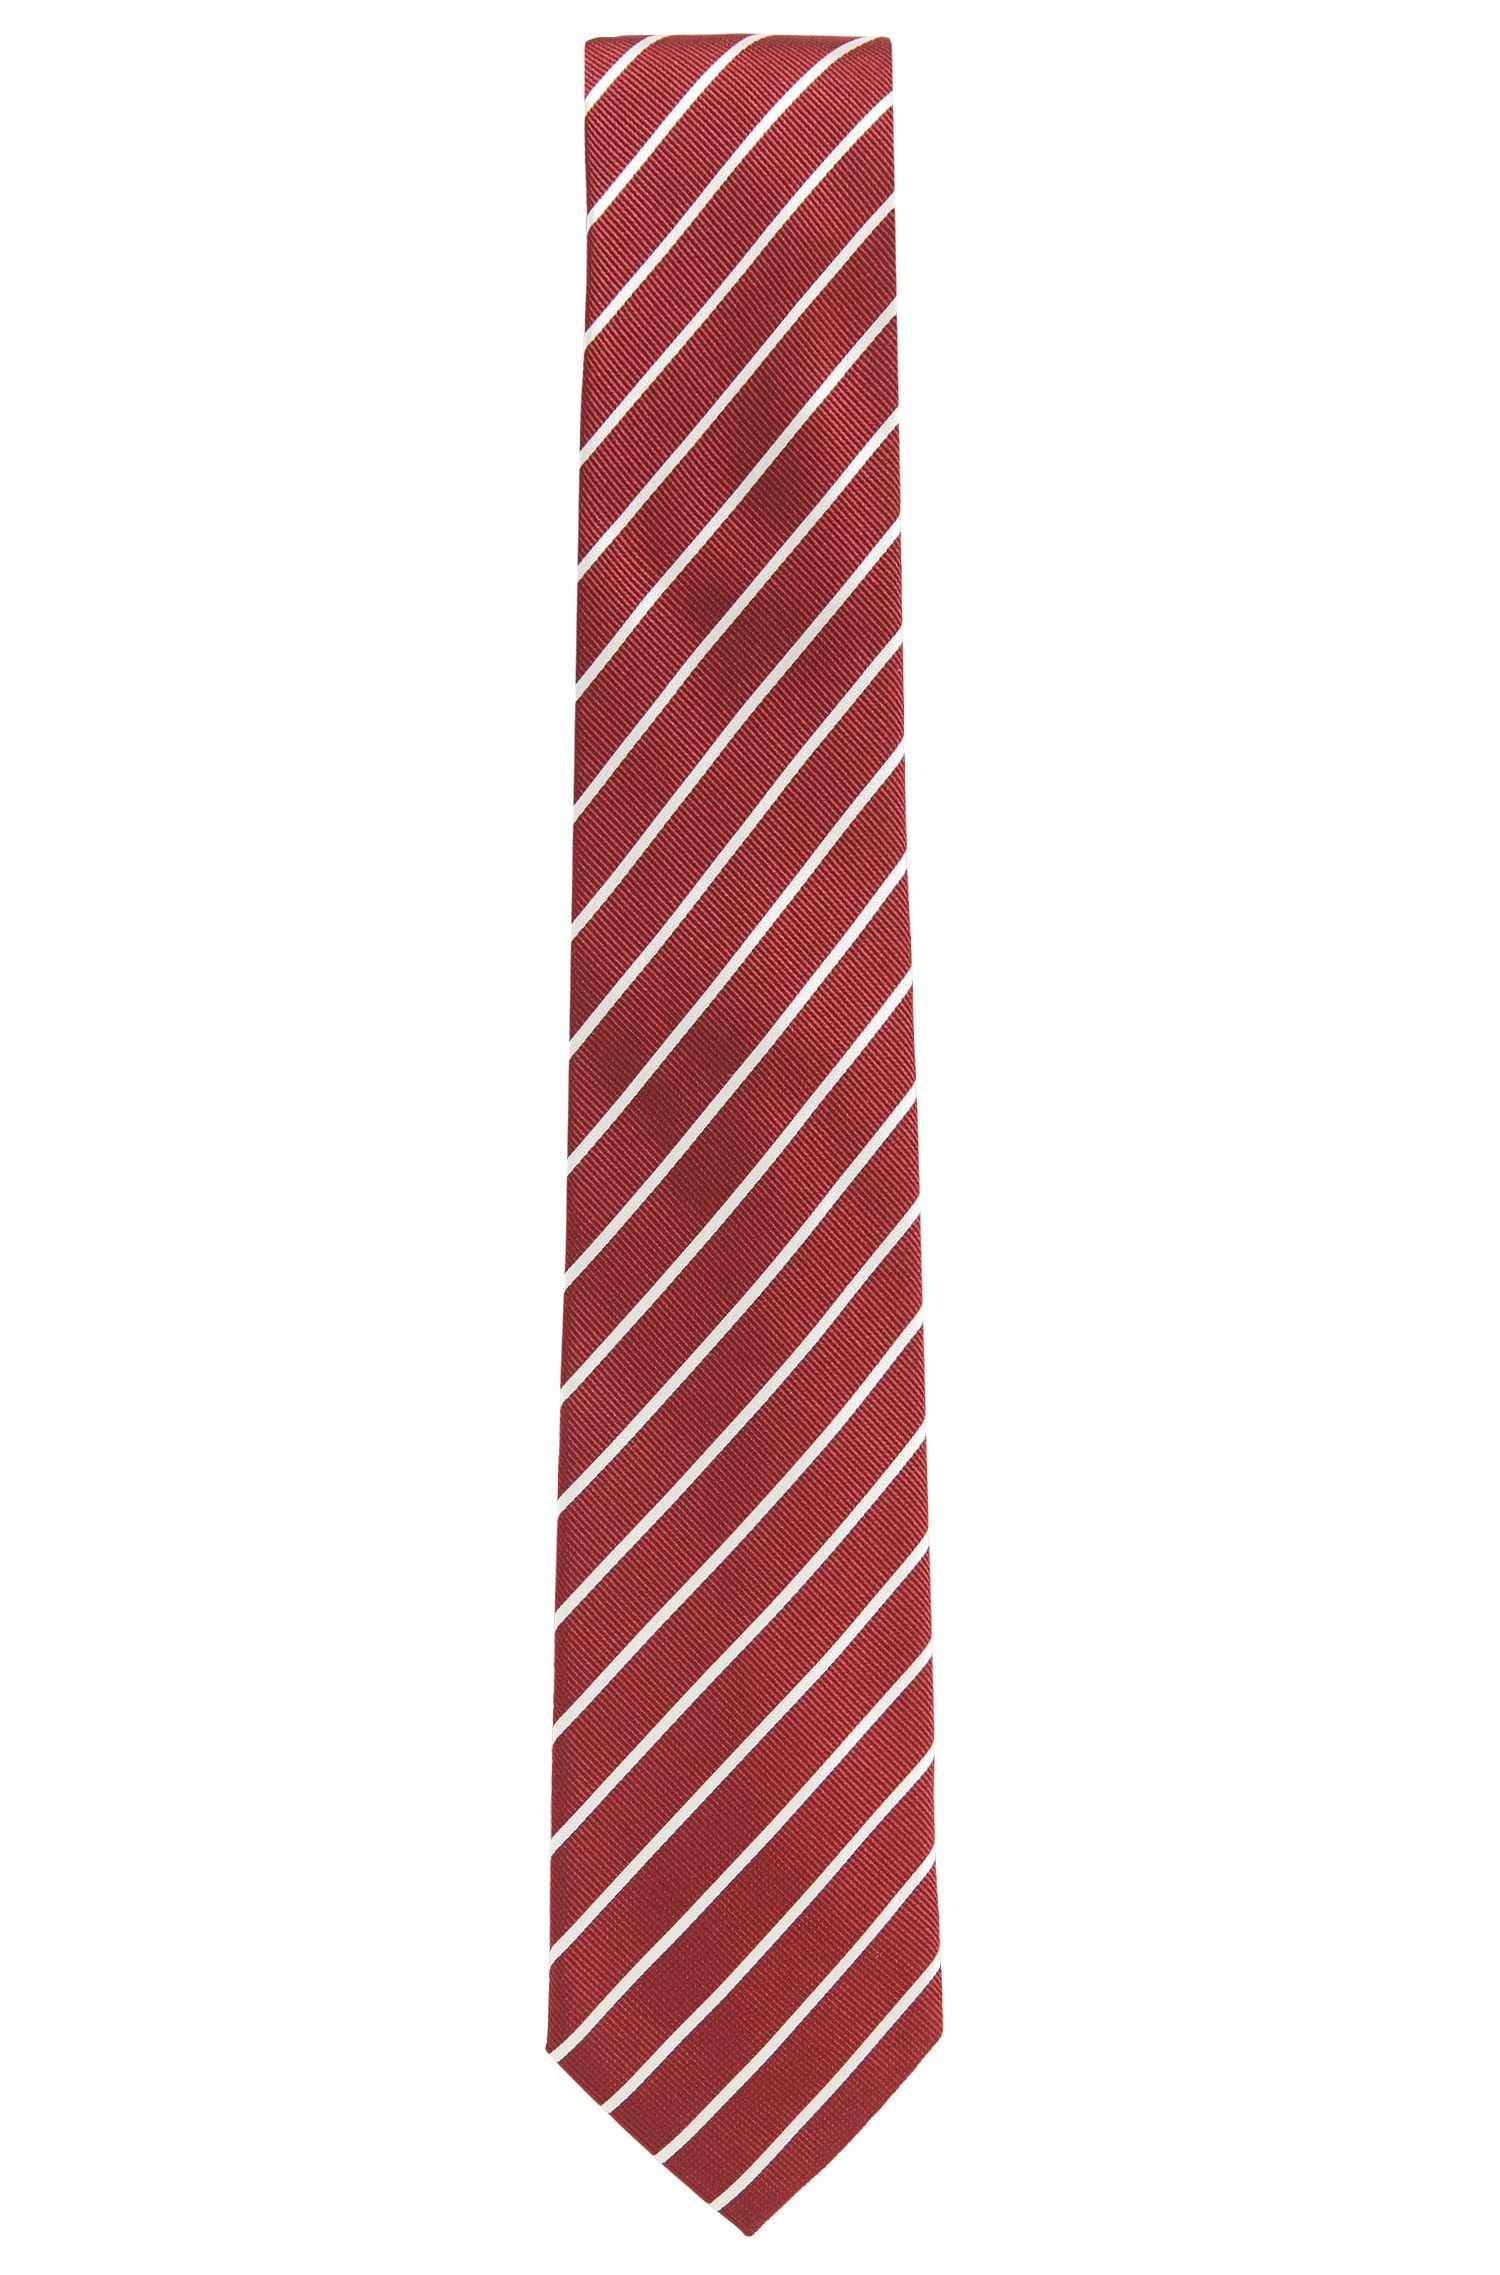 Krawatte aus Seiden-Jacquard mit Streifen-Muster